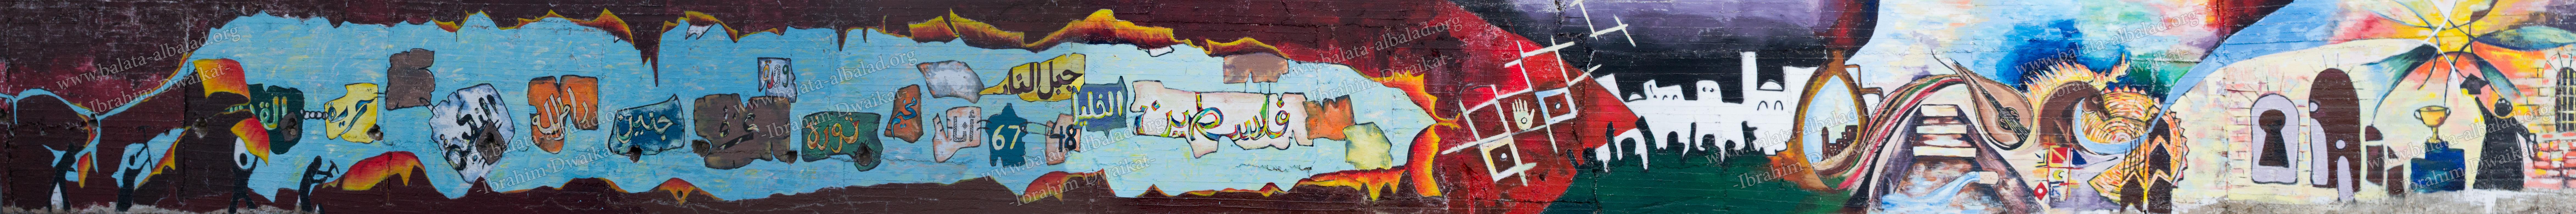 جدارية نادي أهلي بلاطة البلد